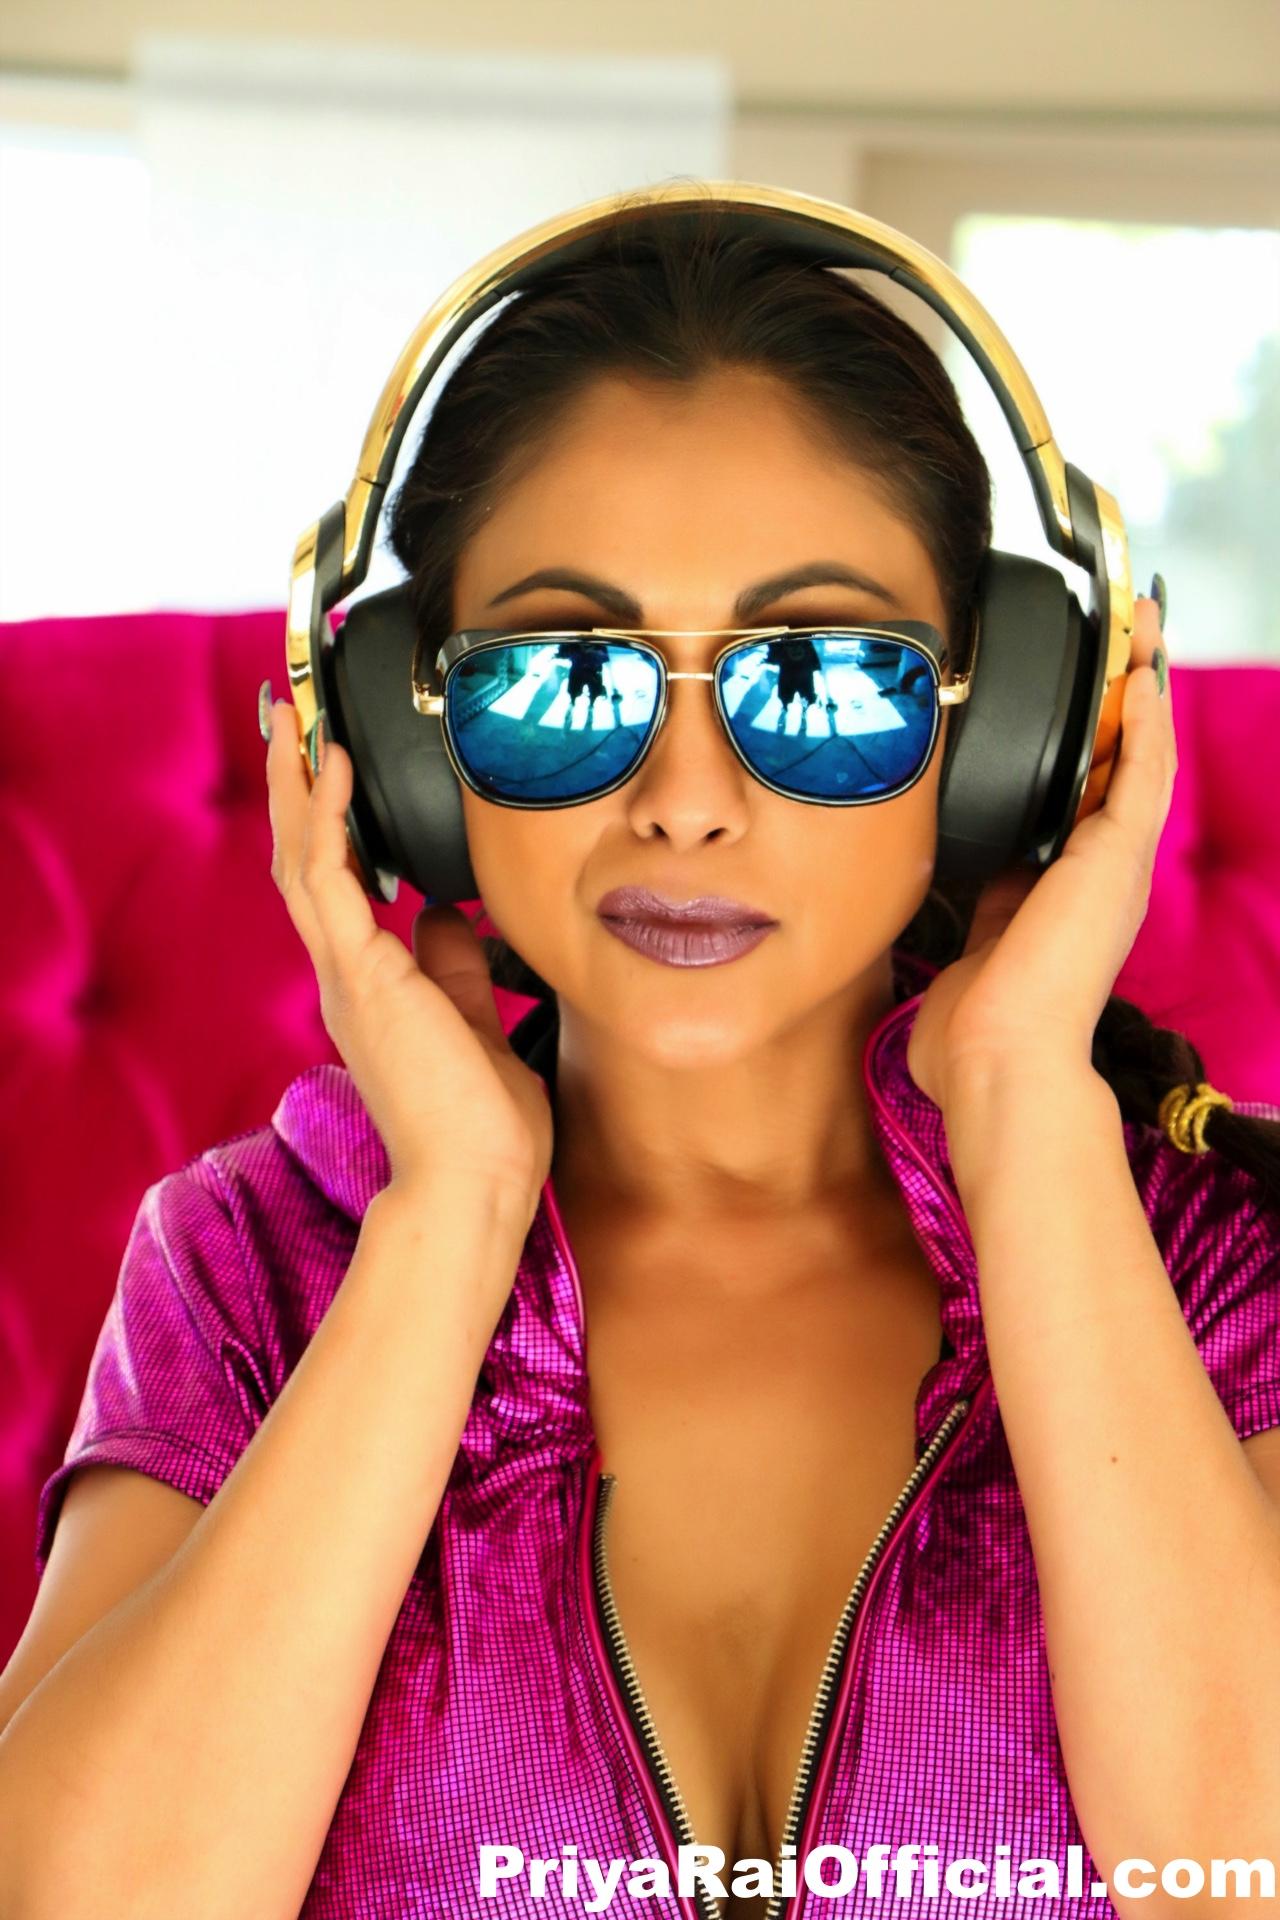 DJ Priya Rai has some fun with a blonde afro wig 135728